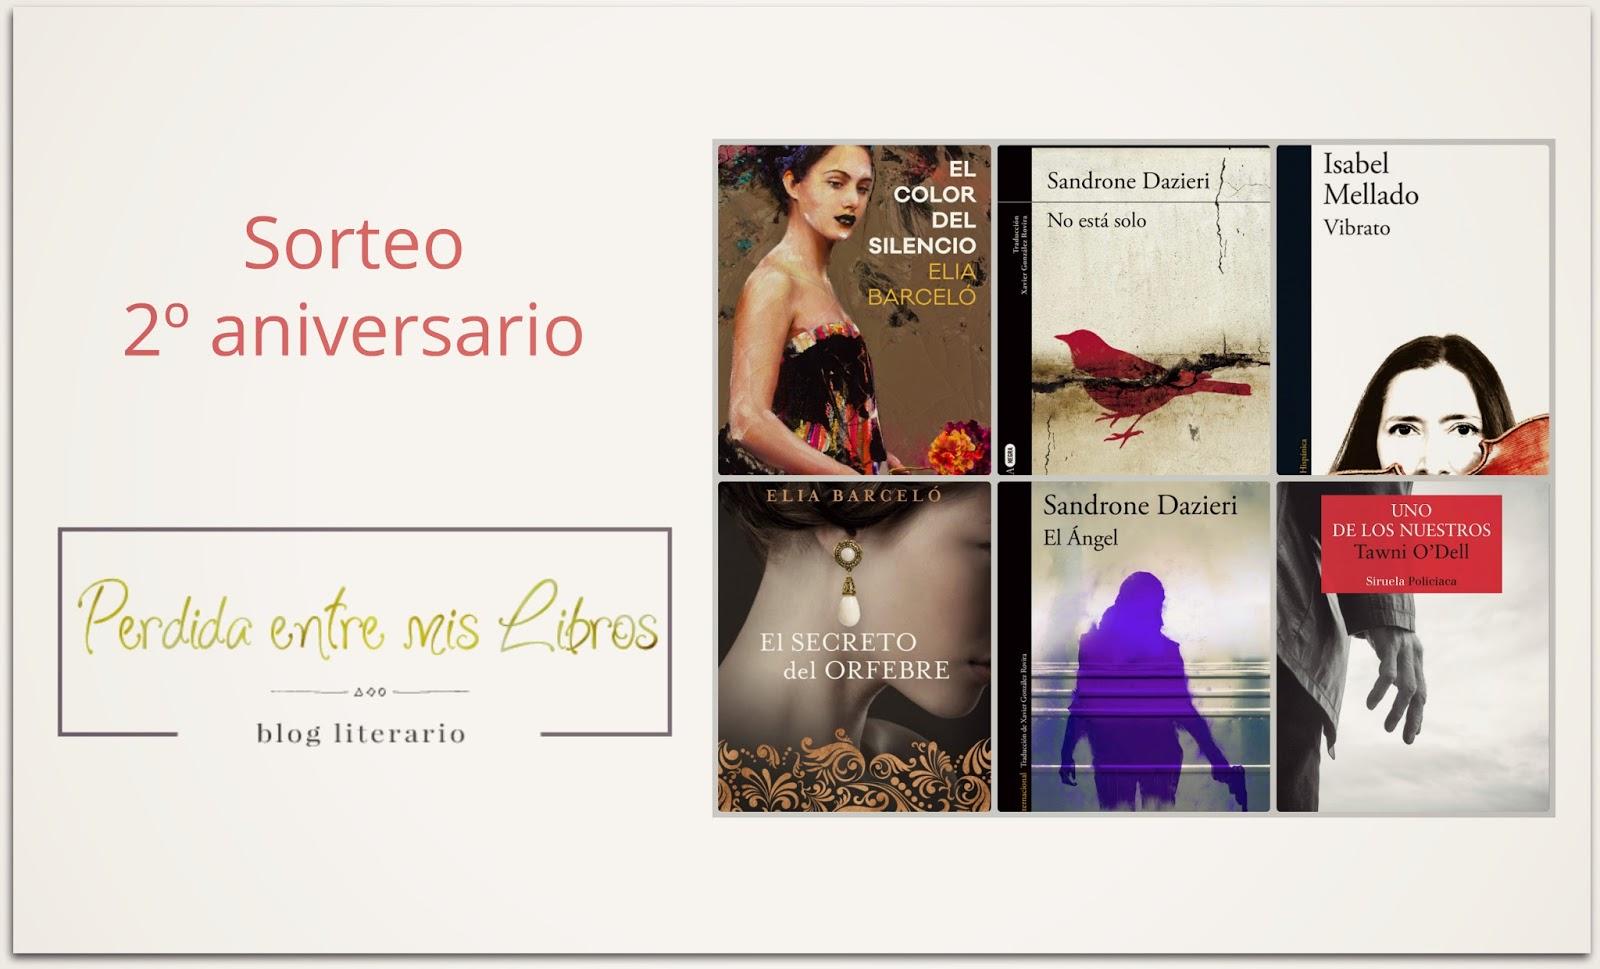 SORTEO: Perdida entre mis libros